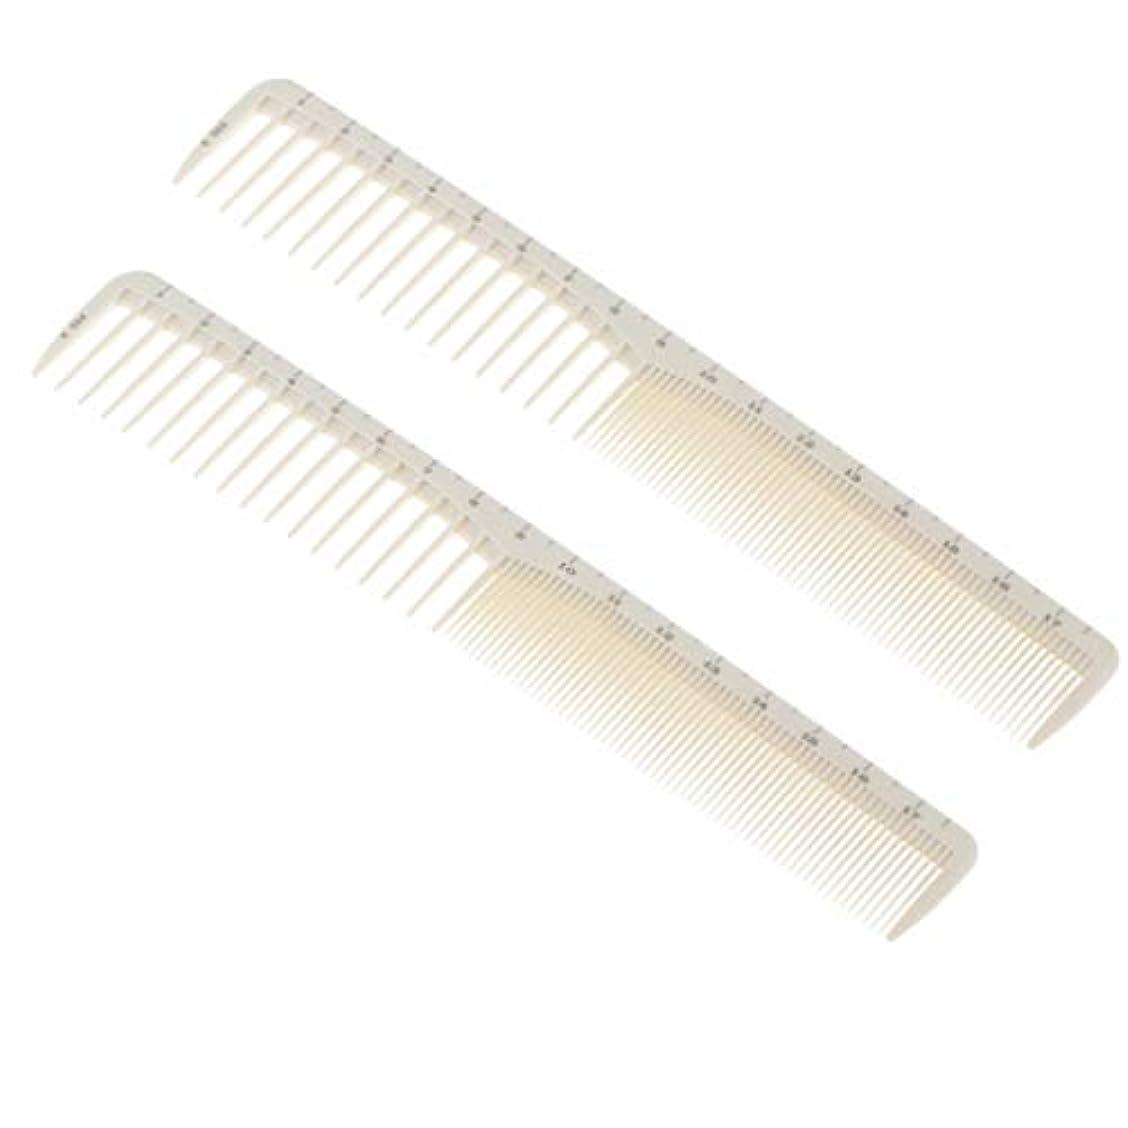 拮抗する発表ページヘアダイコーム ヘアブラシ 櫛 スケール付き 両用 ヘアカット 低静電気 頭皮マッサージブラシ 2本